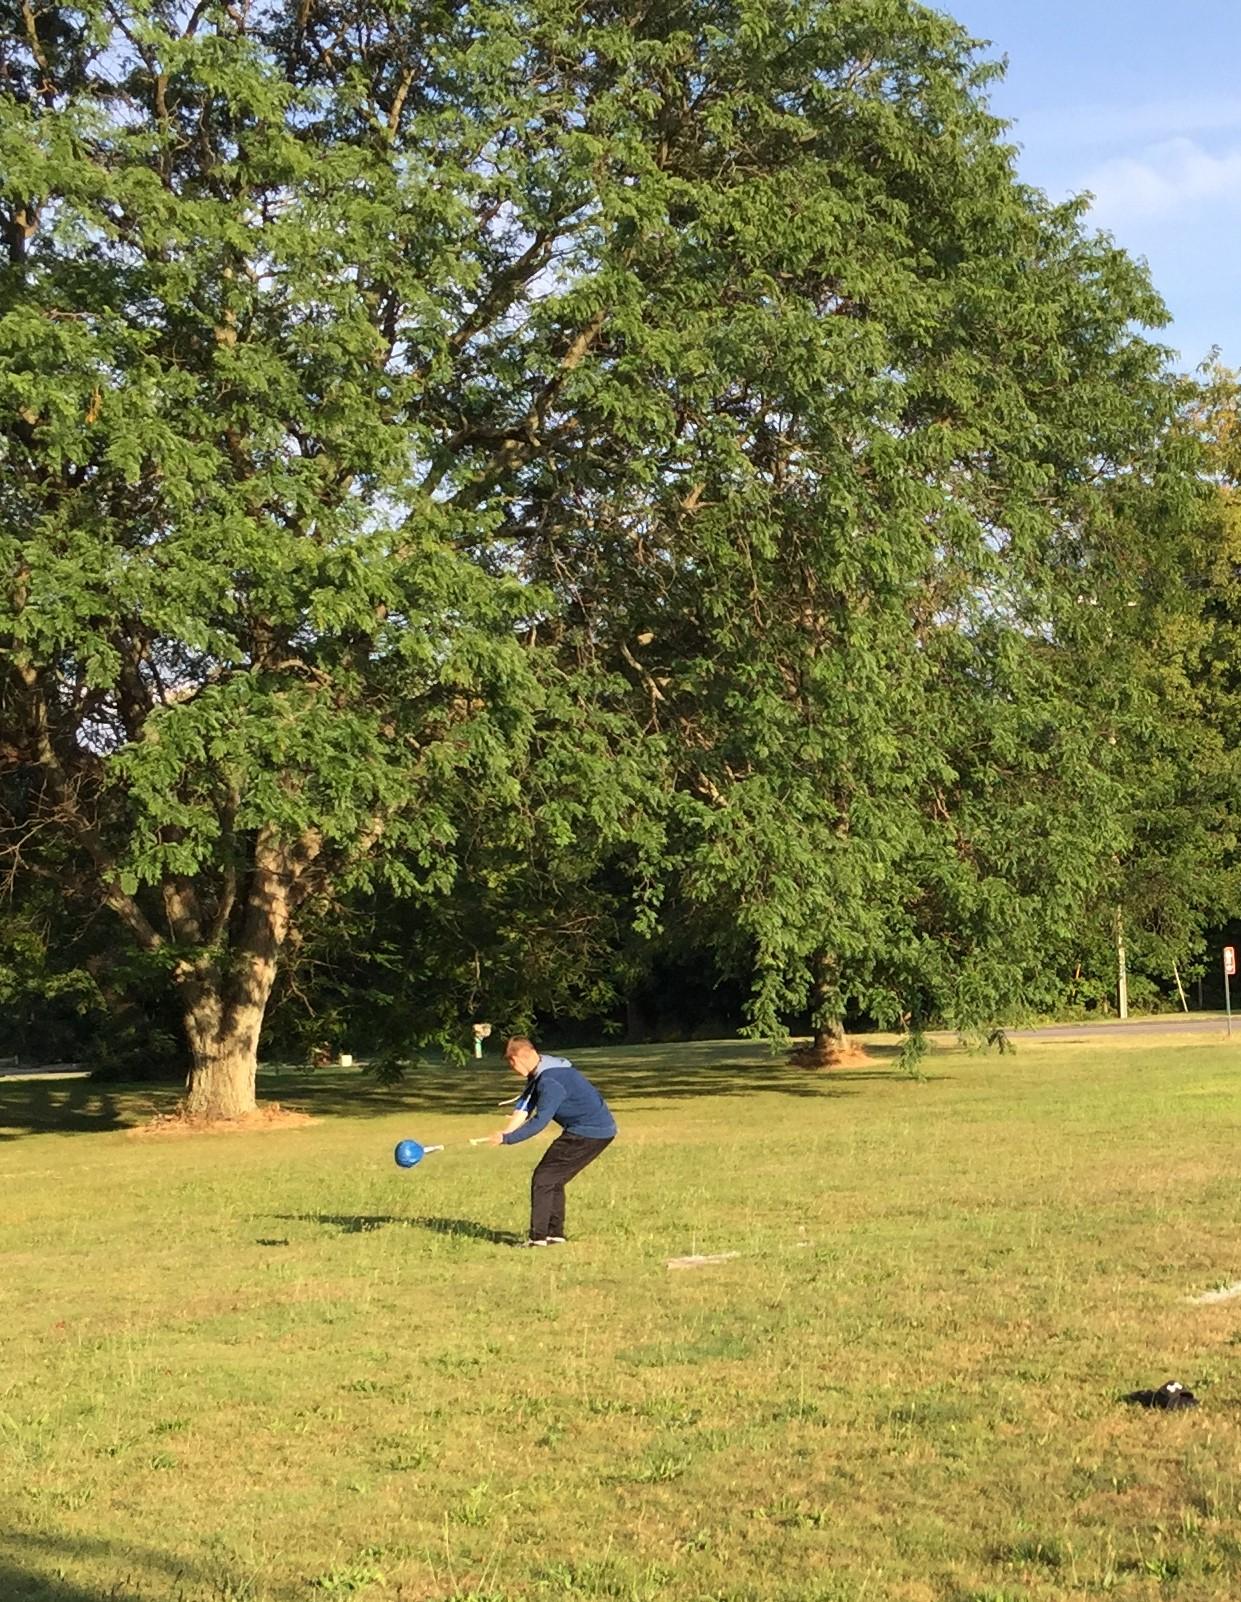 Ian Boulder toss